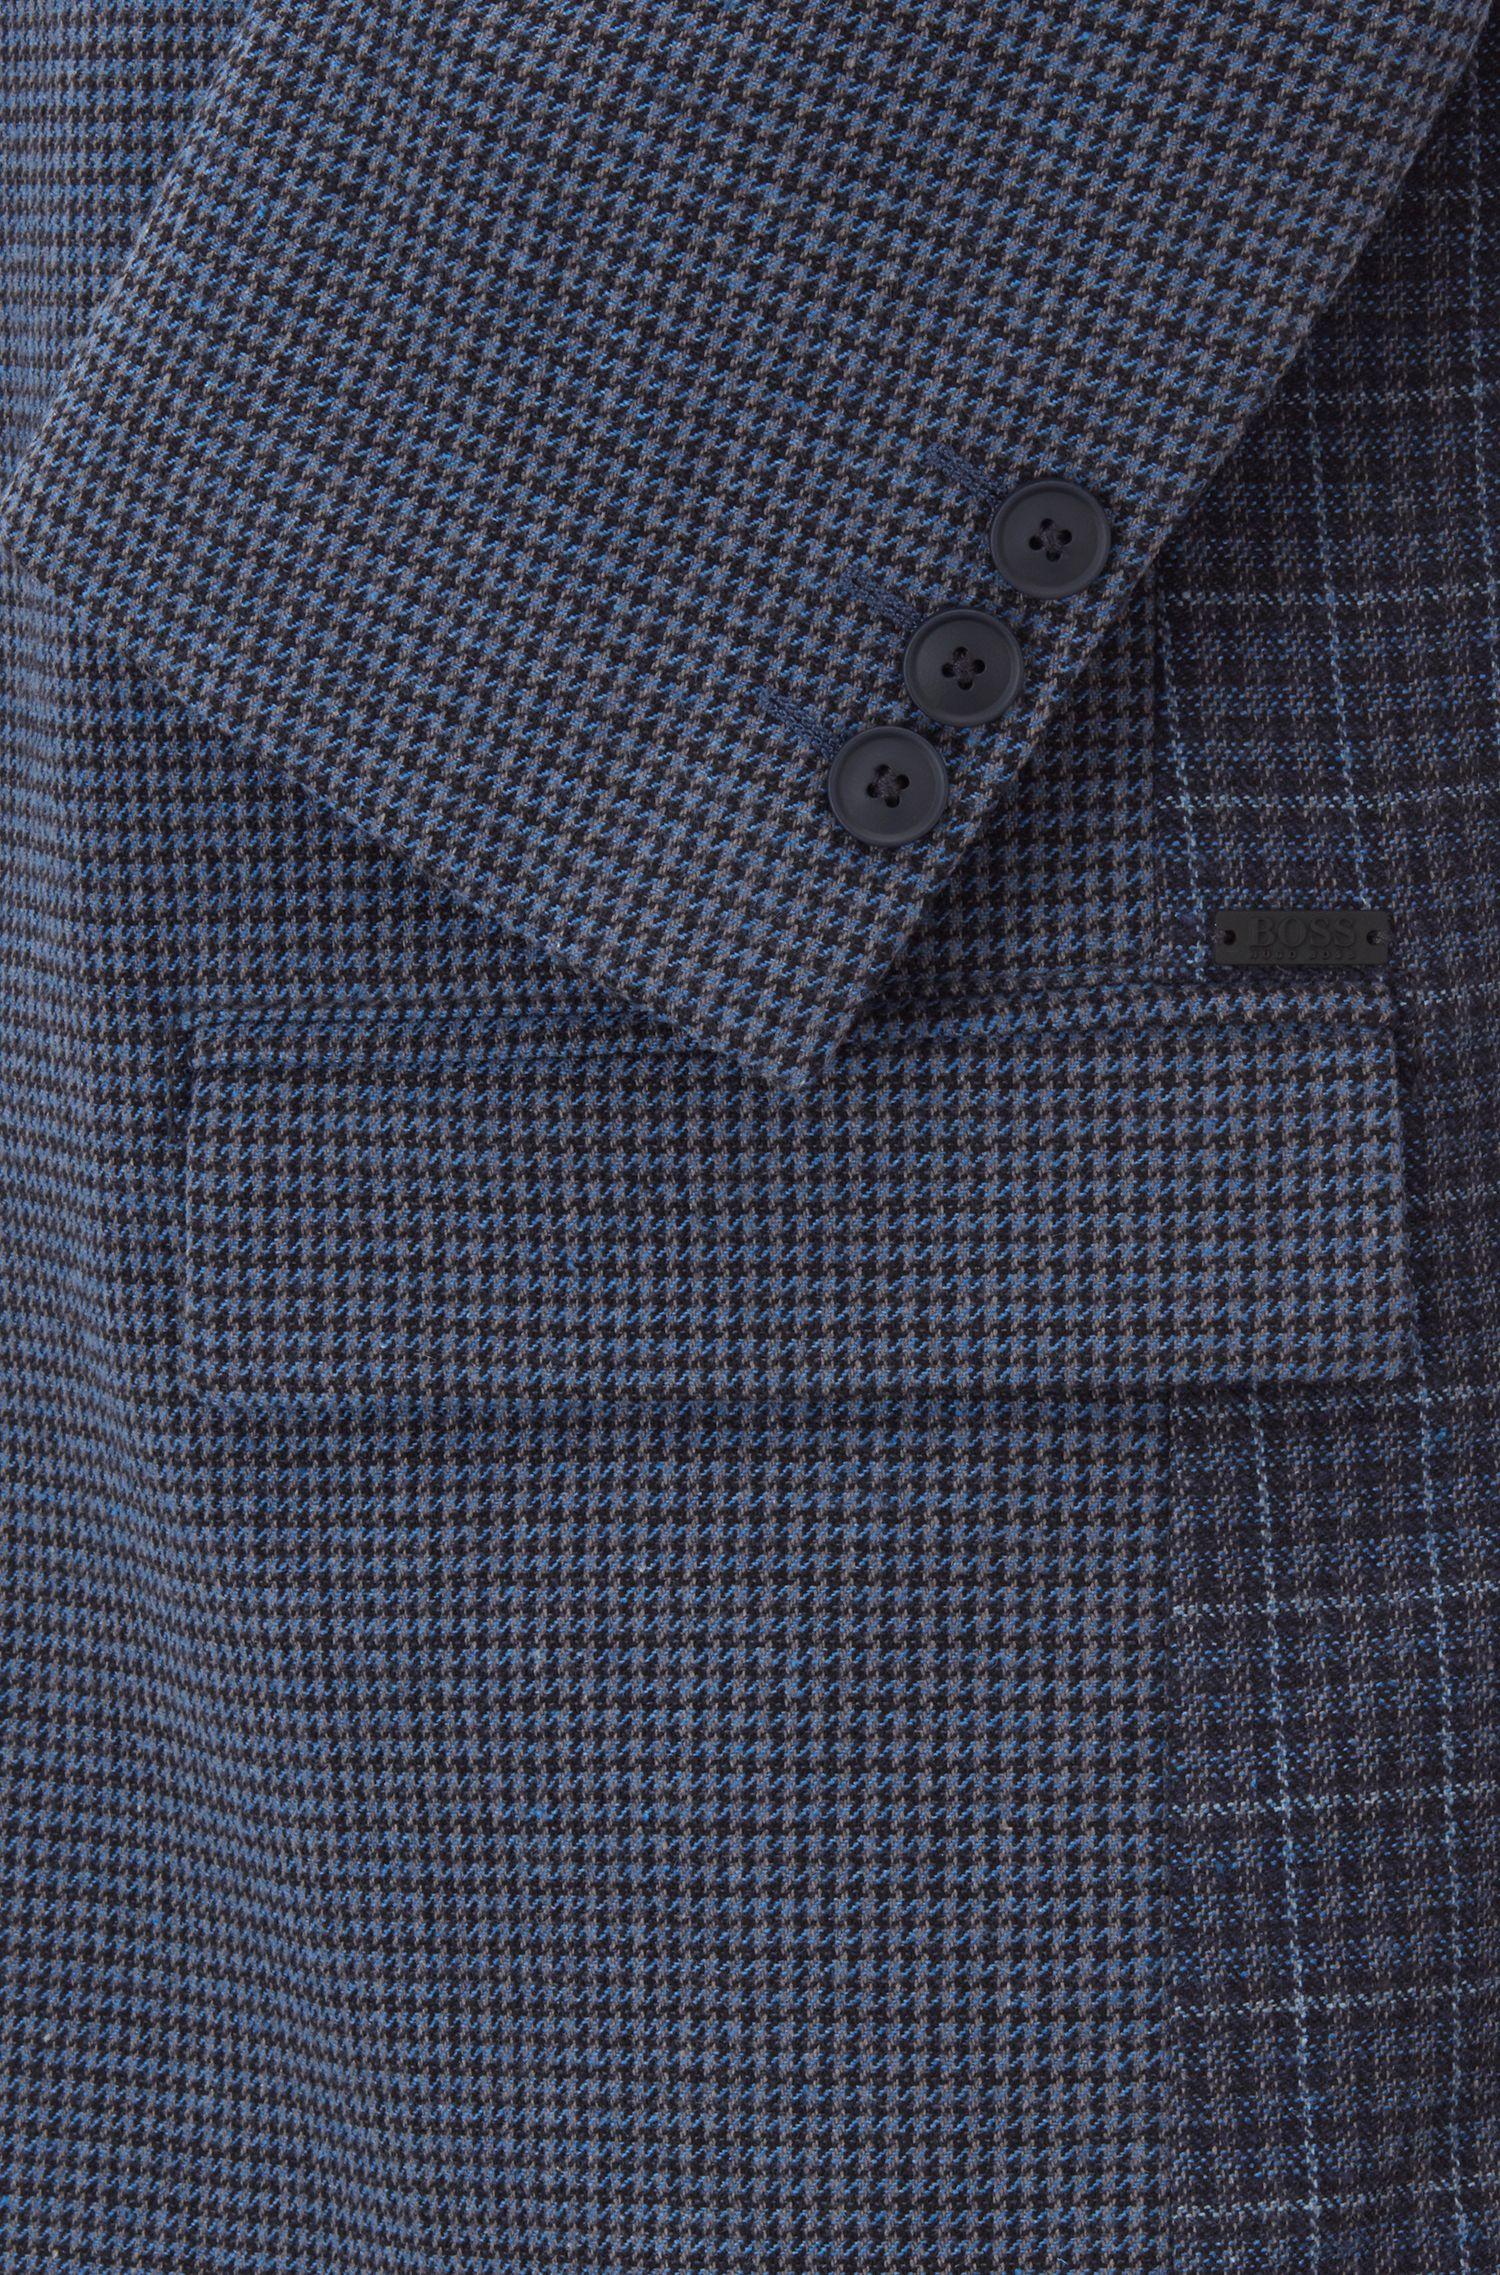 Giacca slim fit in tessuto elasticizzato pied-de-poule realizzato in Italia, Blu scuro